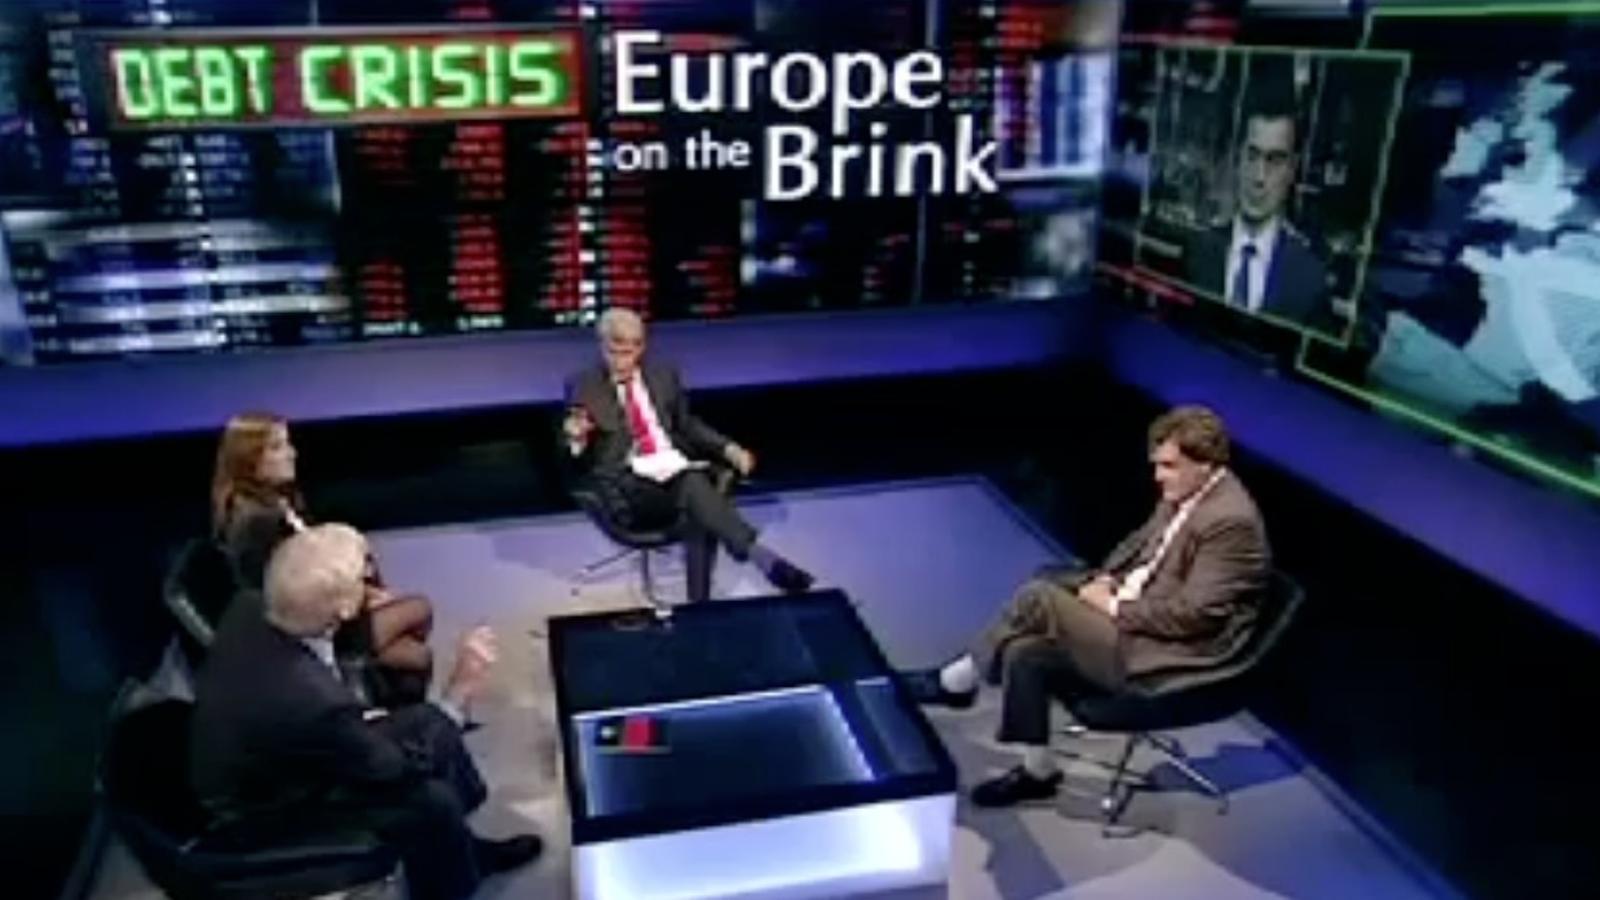 Un presentador de la BBC diu idiota al portaveu econòmic de la Comissió Europea, el català Amadeu Altafaj